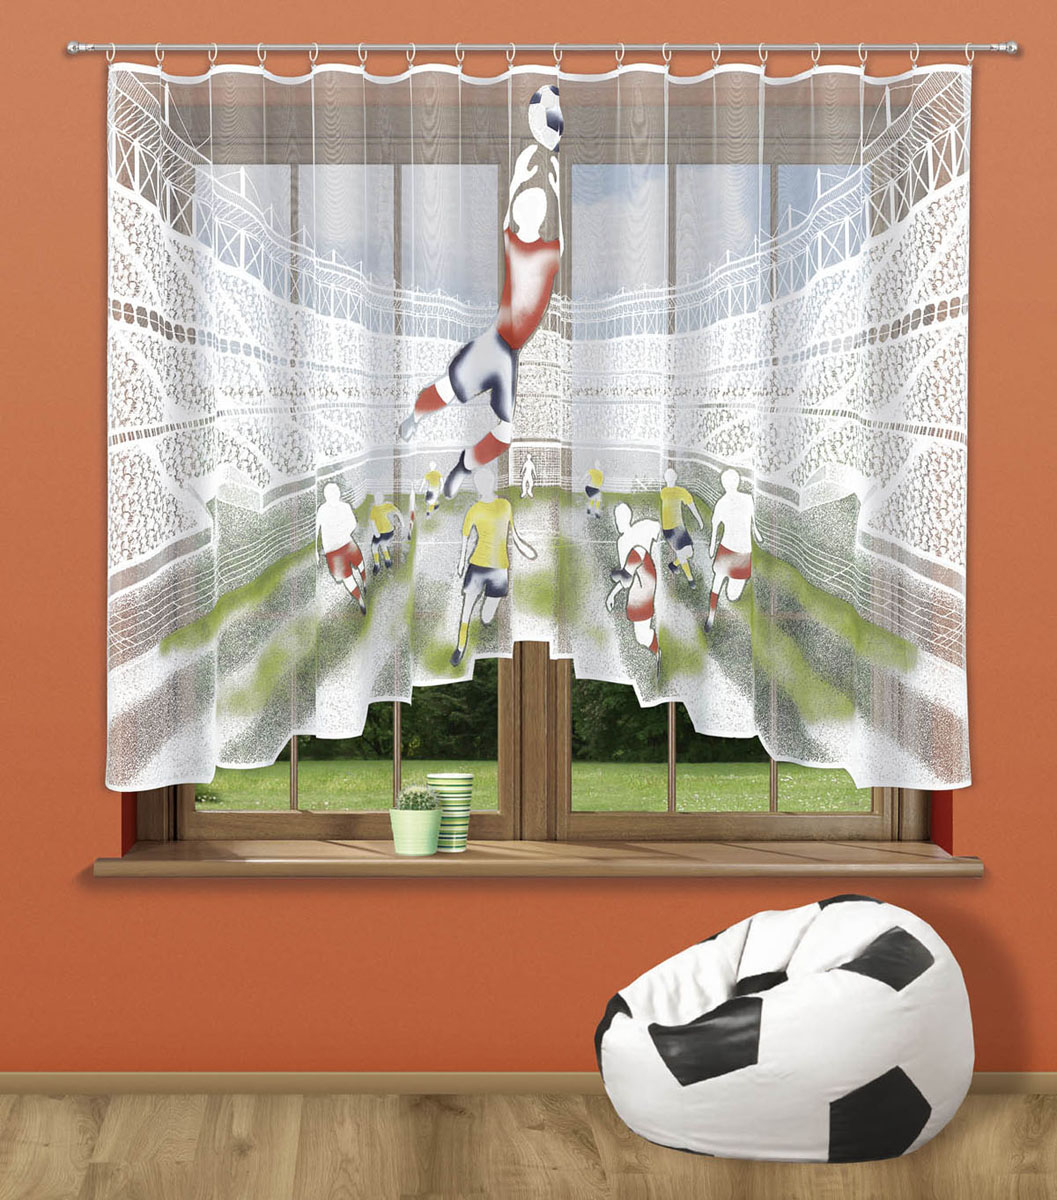 Гардина Stadion, цвет: белый, высота 150 смS03301004Гардина Stadion, изготовленная из полиэстера белого цвета, станет изюминкой интерьера вашей комнаты. Оригинальный принт в виде футболистов на стадионе привлечет к себе внимание и органично впишется в интерьер комнаты. Верхняя часть гардины не оснащена креплениями. Характеристики:Материал: 100% полиэстер. Размер упаковки:27 см х 34 см х 1,5 см. Артикул: 723560.В комплект входит:Гардина - 1 шт. Размер (Ш х В): 300 см х 150 см. Фирма Wisan на польском рынке существует уже более пятидесяти лет и является одной из лучших польских фабрик по производству штор и тканей. Ассортимент фирмы представлен готовыми комплектами штор для гостиной, детской, кухни, а также текстилем для кухни (скатерти, салфетки, дорожки, кухонные занавески). Модельный ряд отличает оригинальный дизайн, высокое качество. Ассортимент продукции постоянно пополняется.